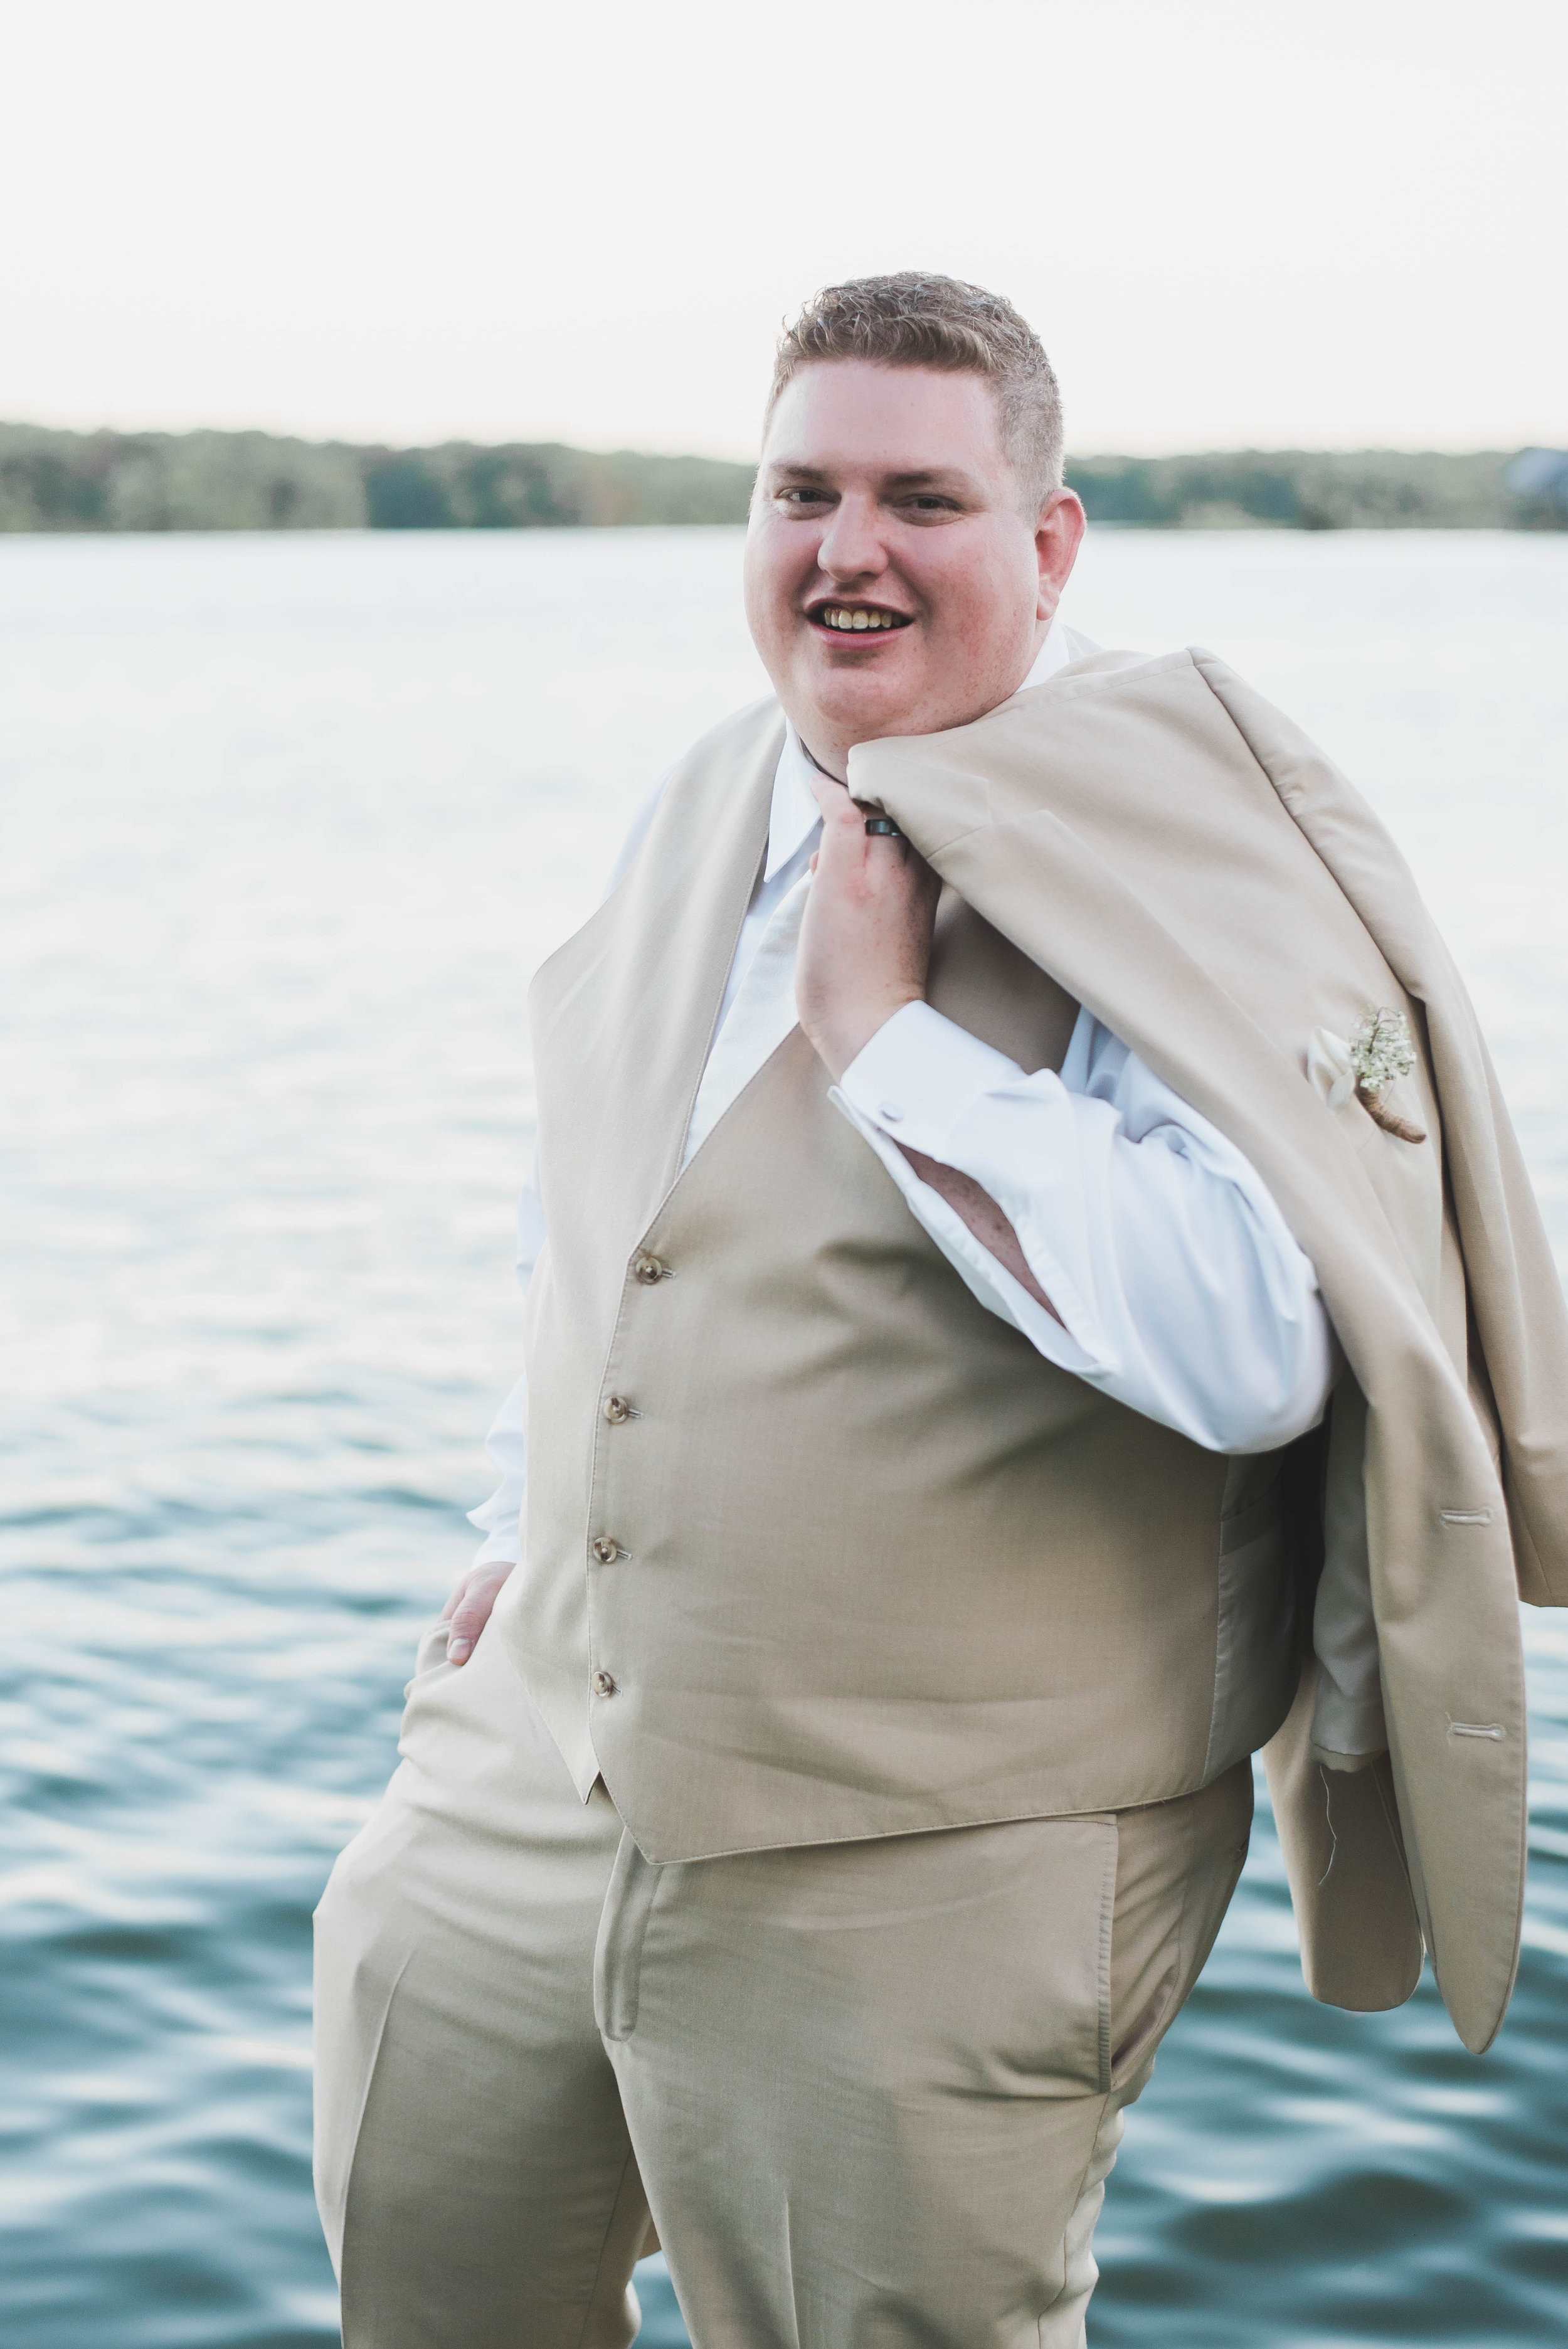 groom no jacket